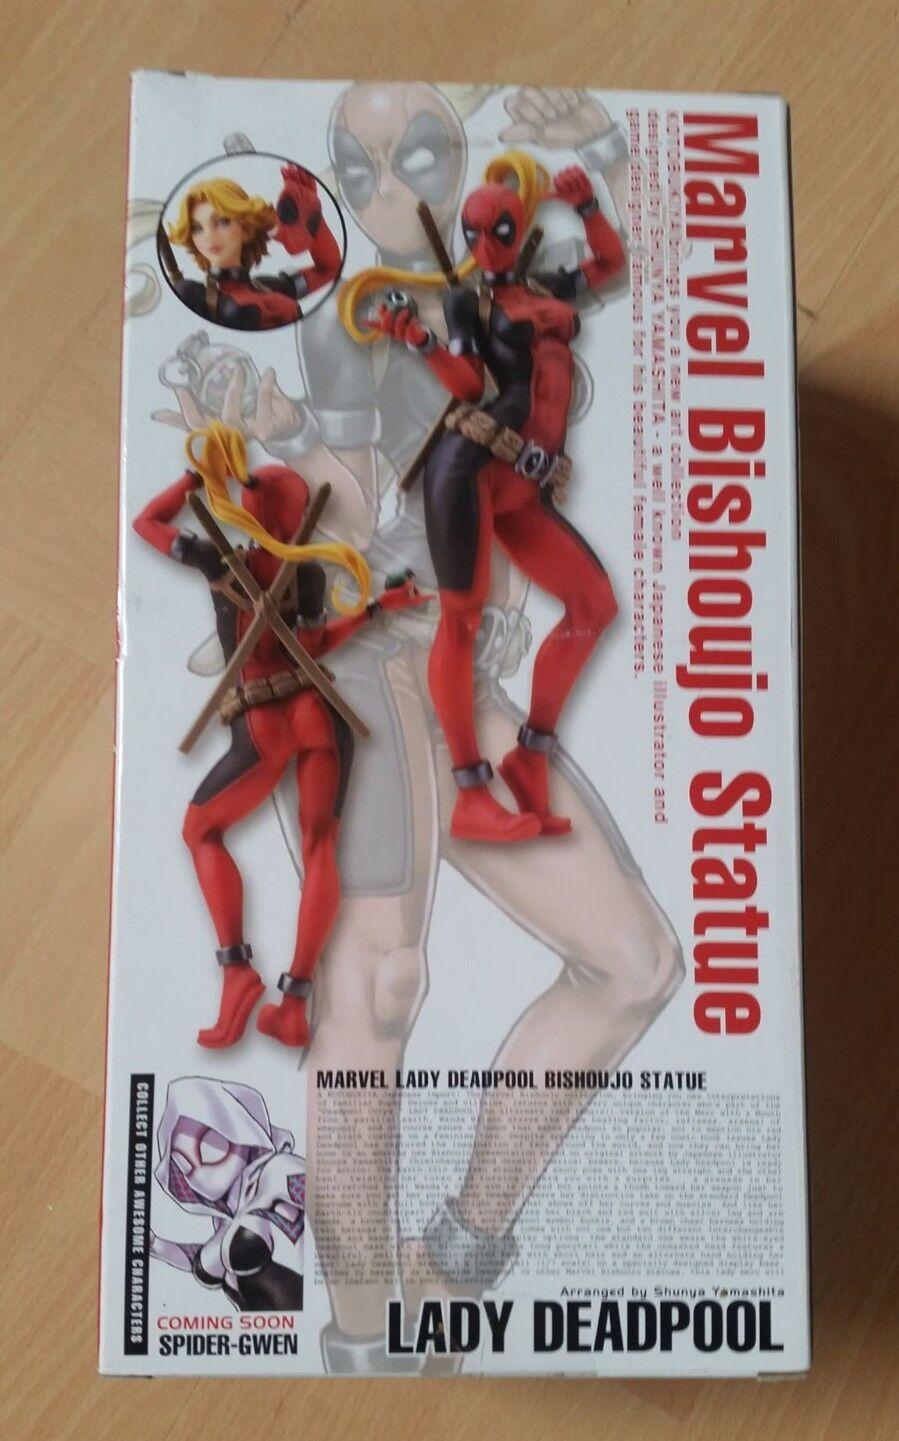 Lady fr deadpool statuette bishoujo marvel kotobukiya